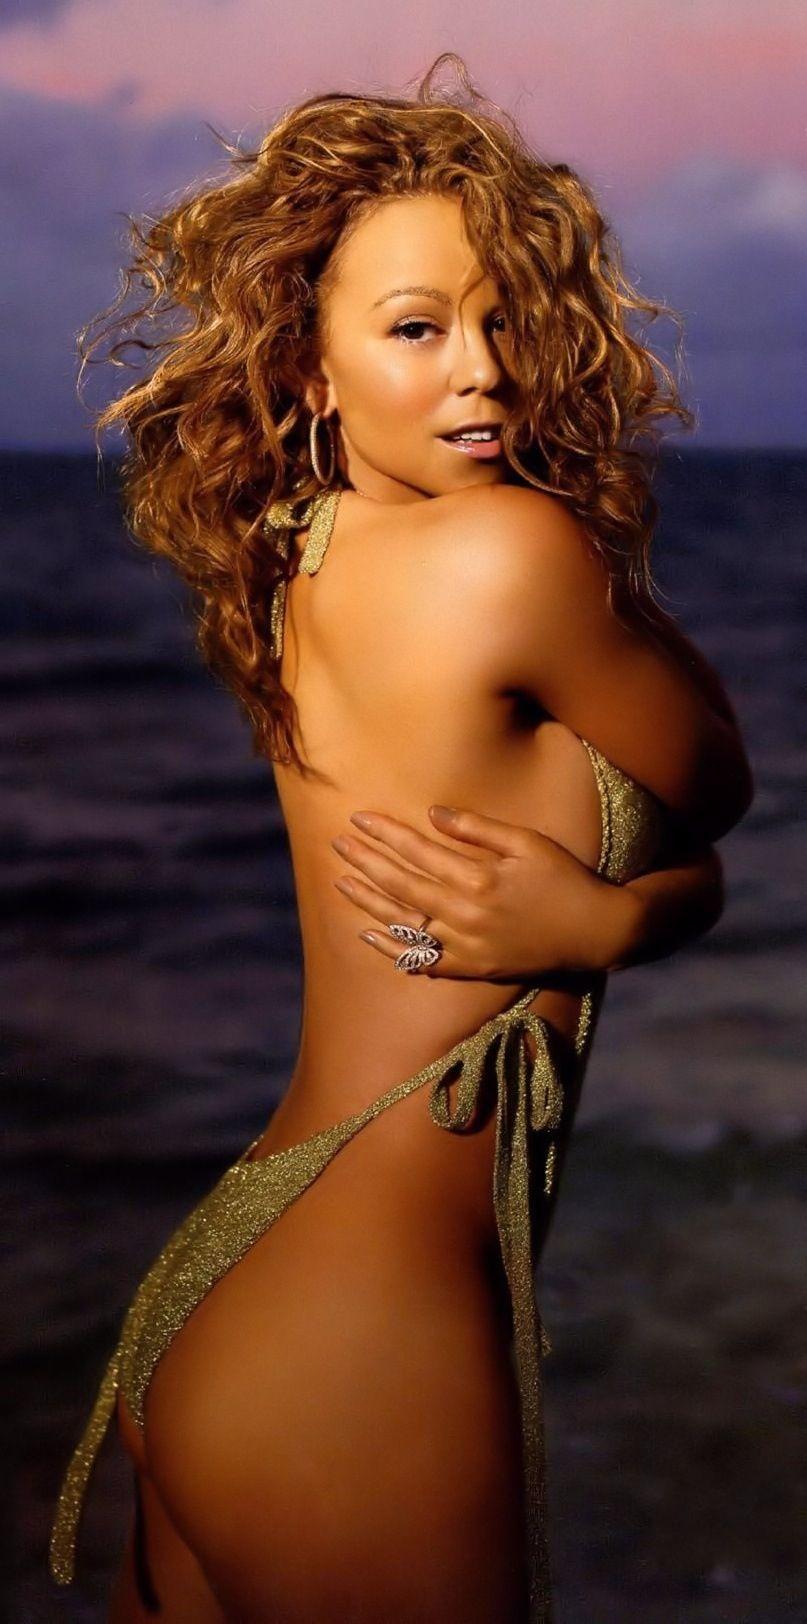 Mariah carey sexy pon lick